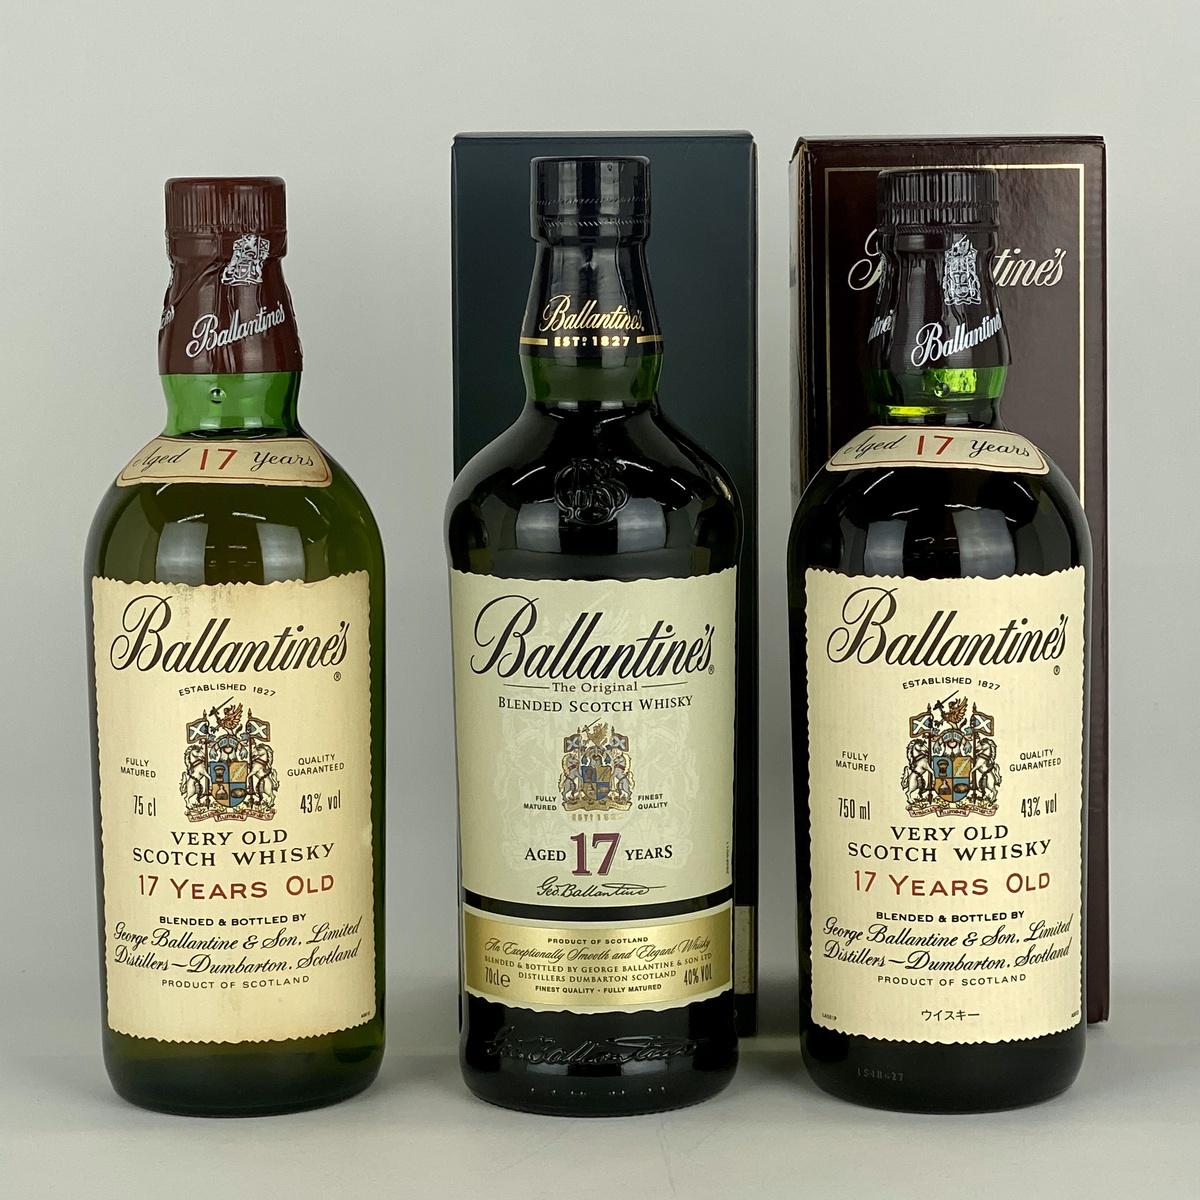 バランタイン Ballantines 17年 3本 スコッチ ウイスキー セット 【古酒】